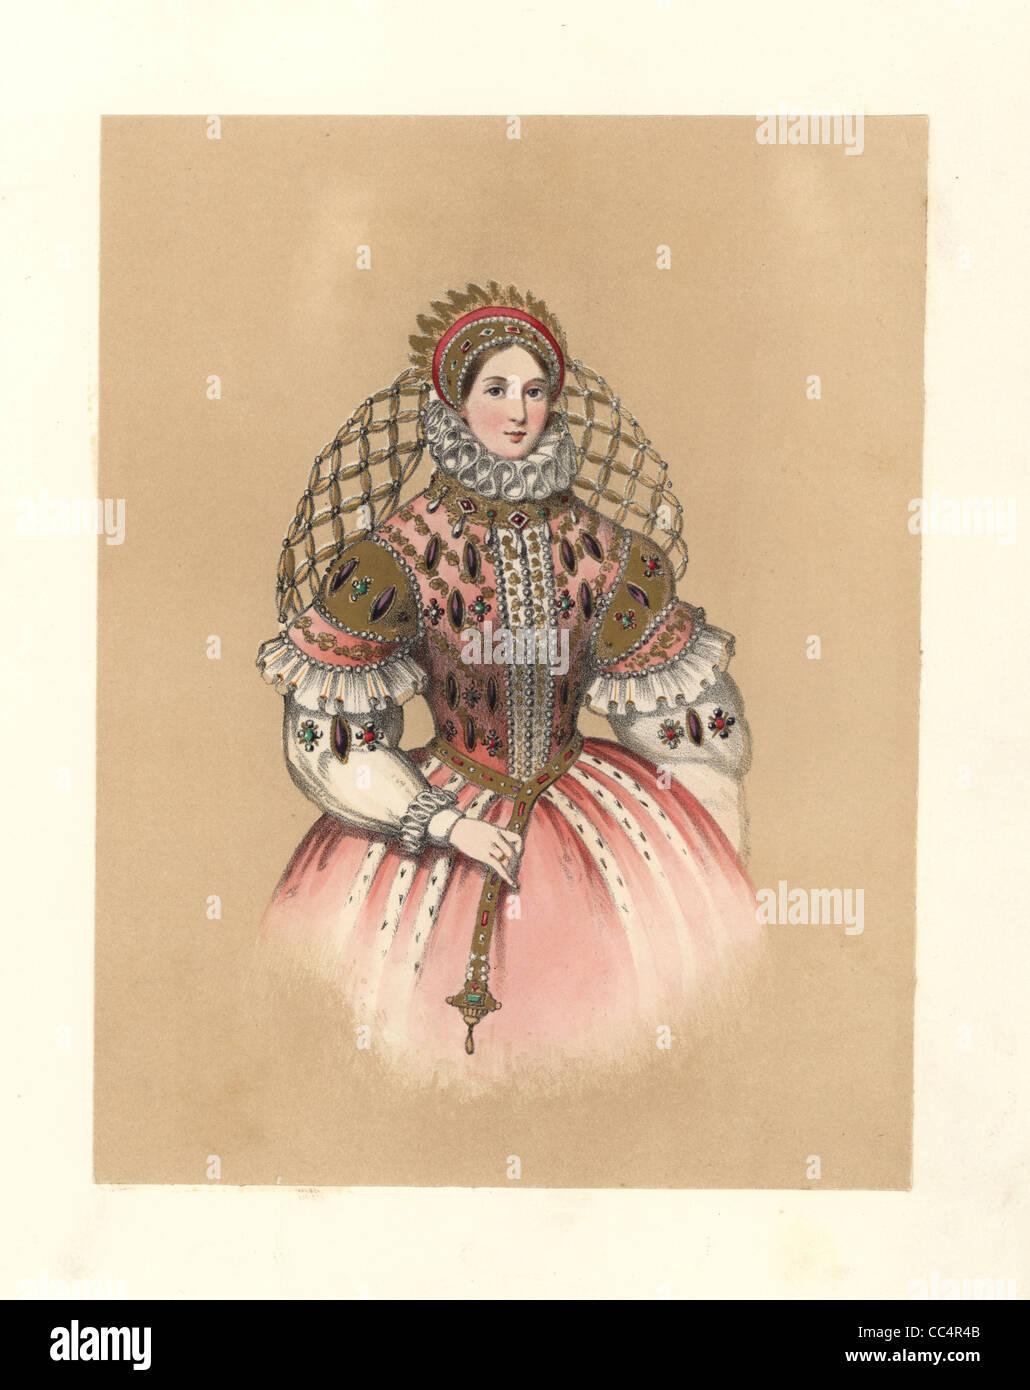 Abito del regno della regina Elisabetta I, 1558~1603. Immagini Stock